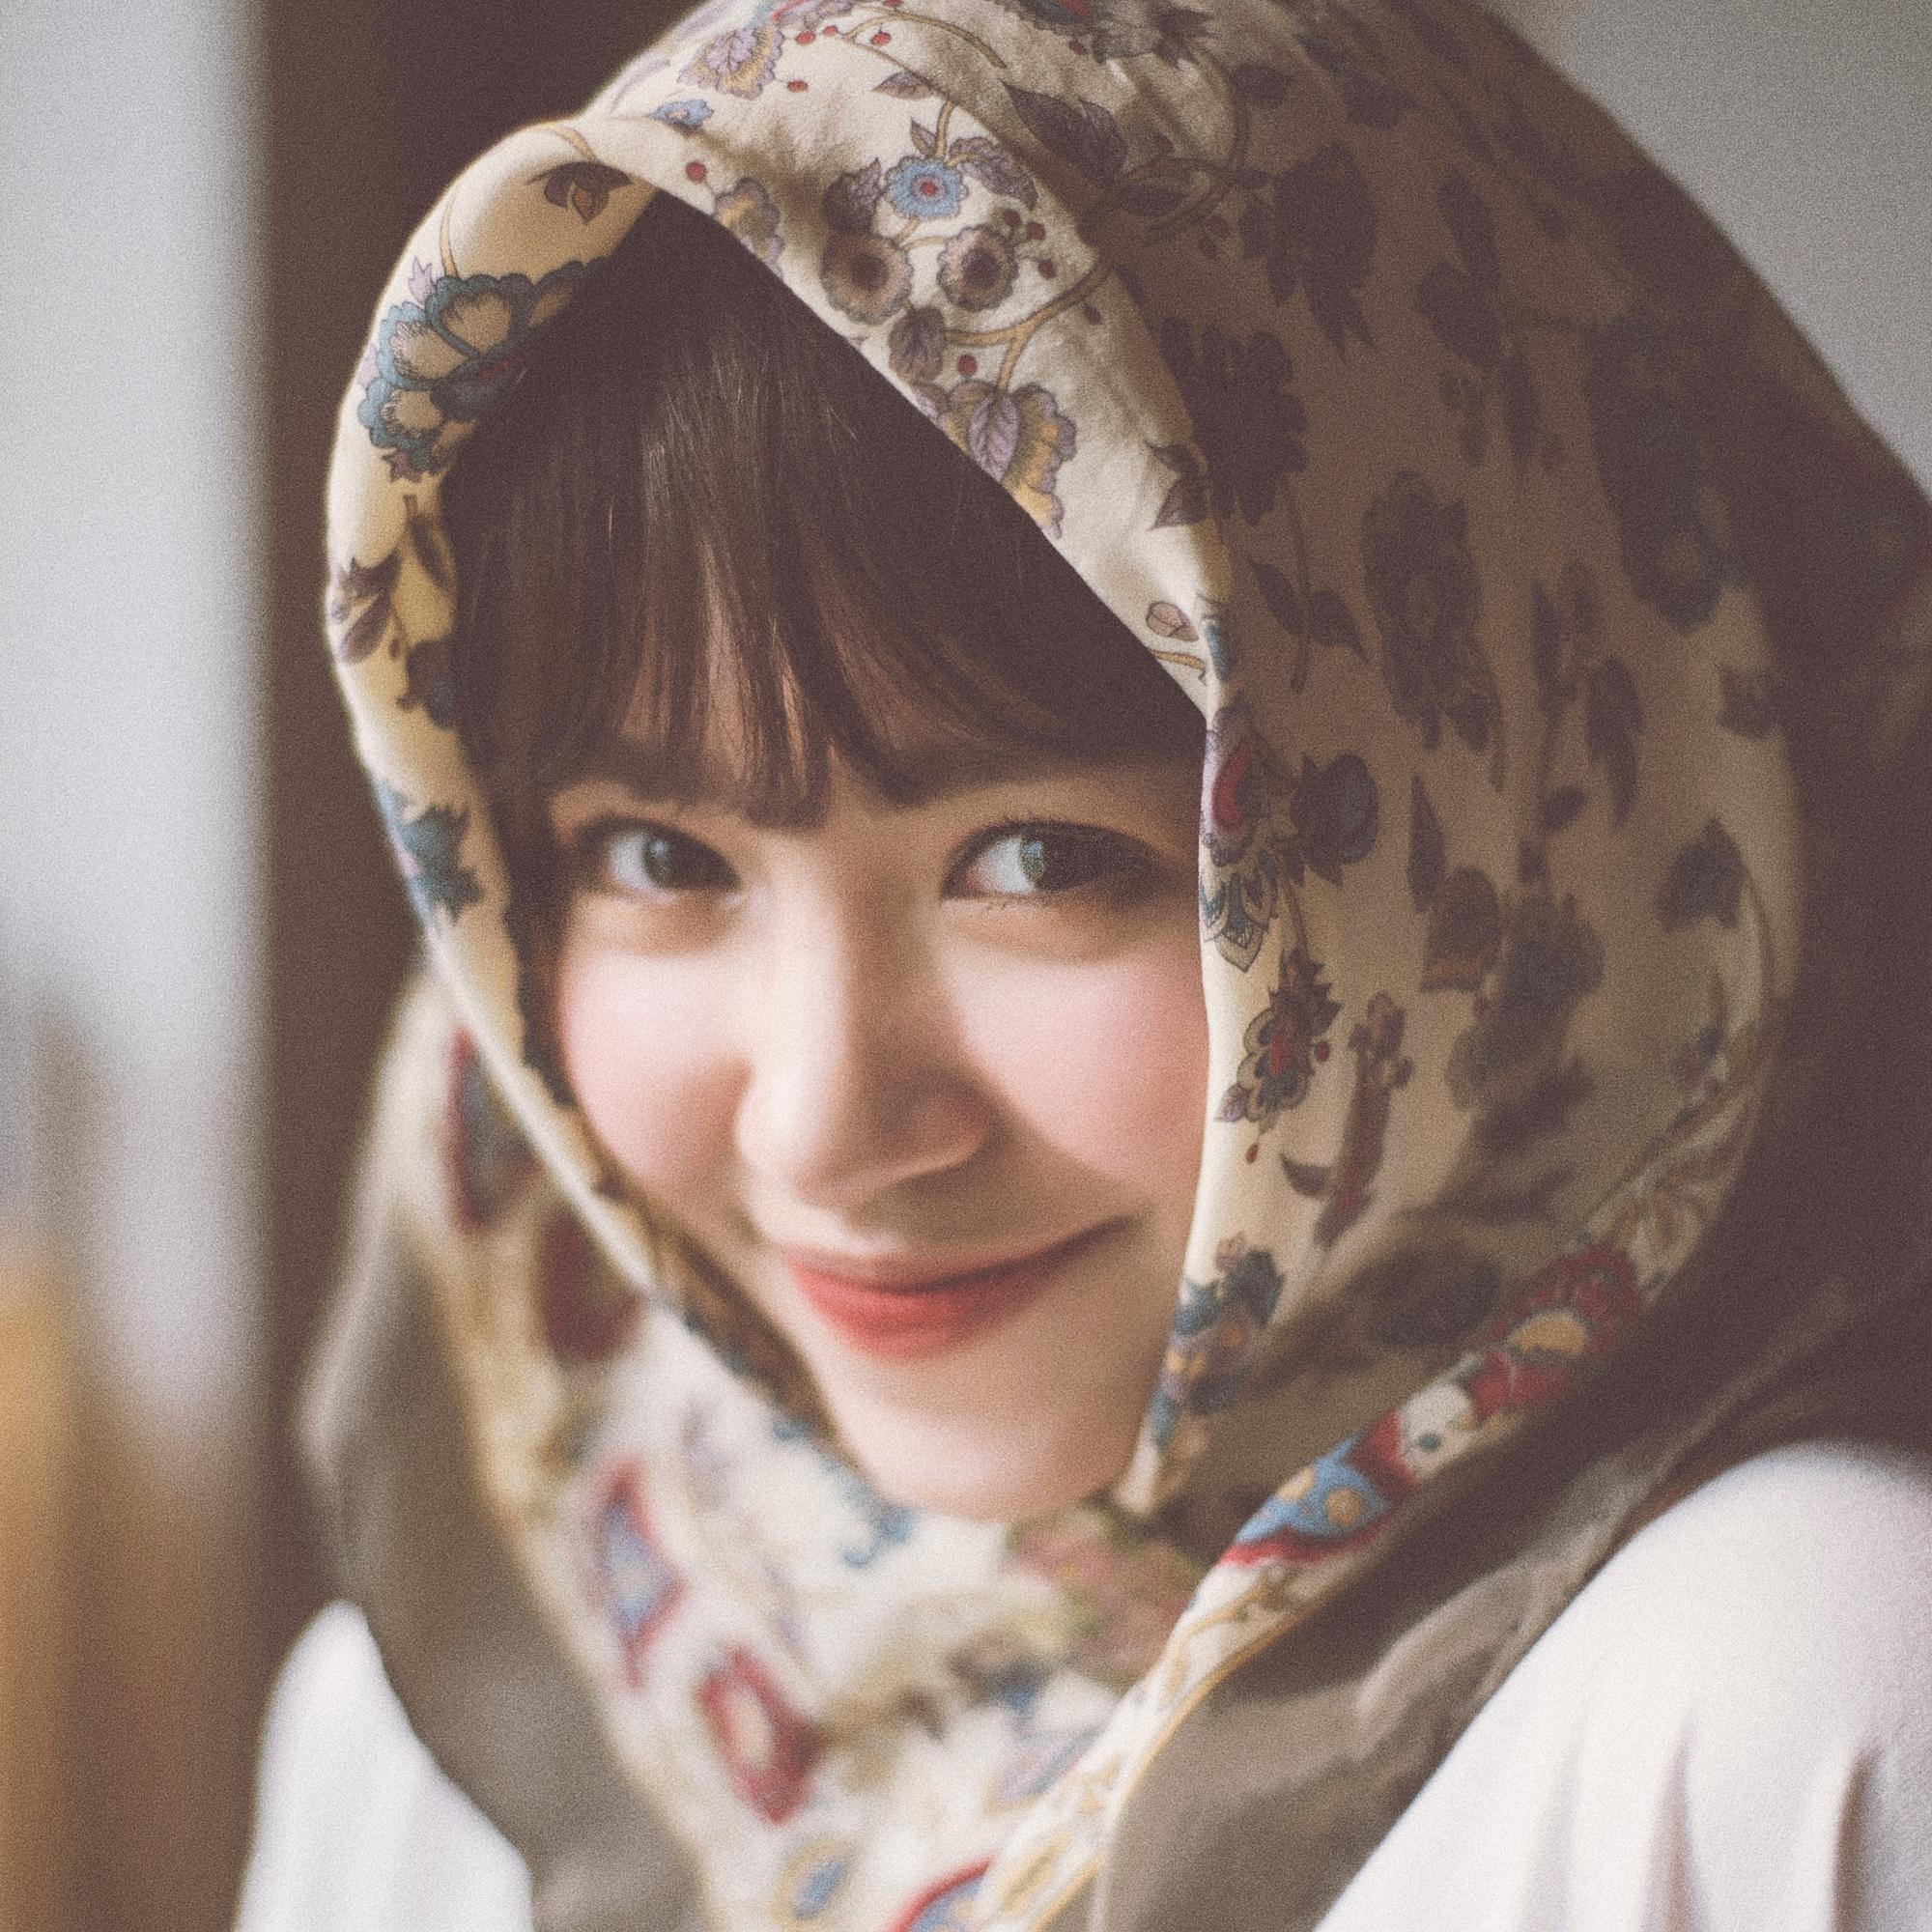 Mẫn Tiên gợi cảm trong bộ ảnh mới, tiết lộ tăng 8kg từ khi du học Nhật-6